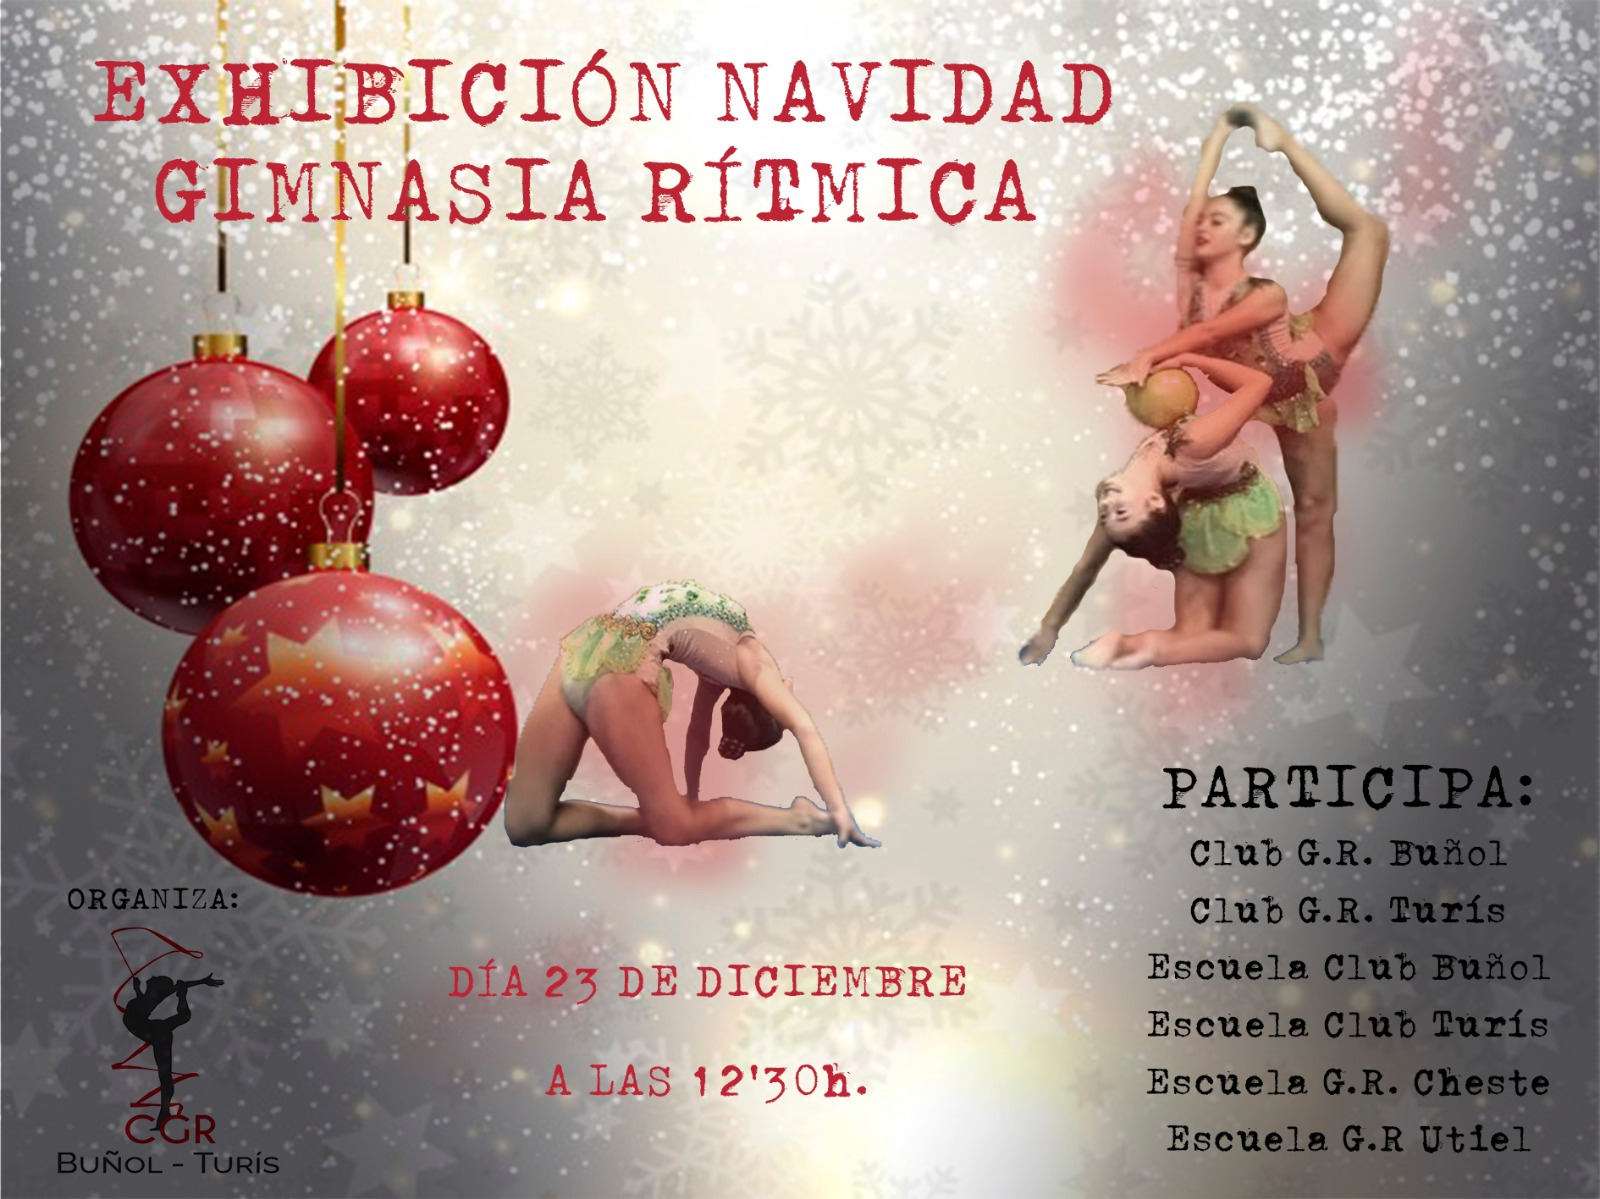 Cartel de las exhibiciones del club de gimnasia rítmica.